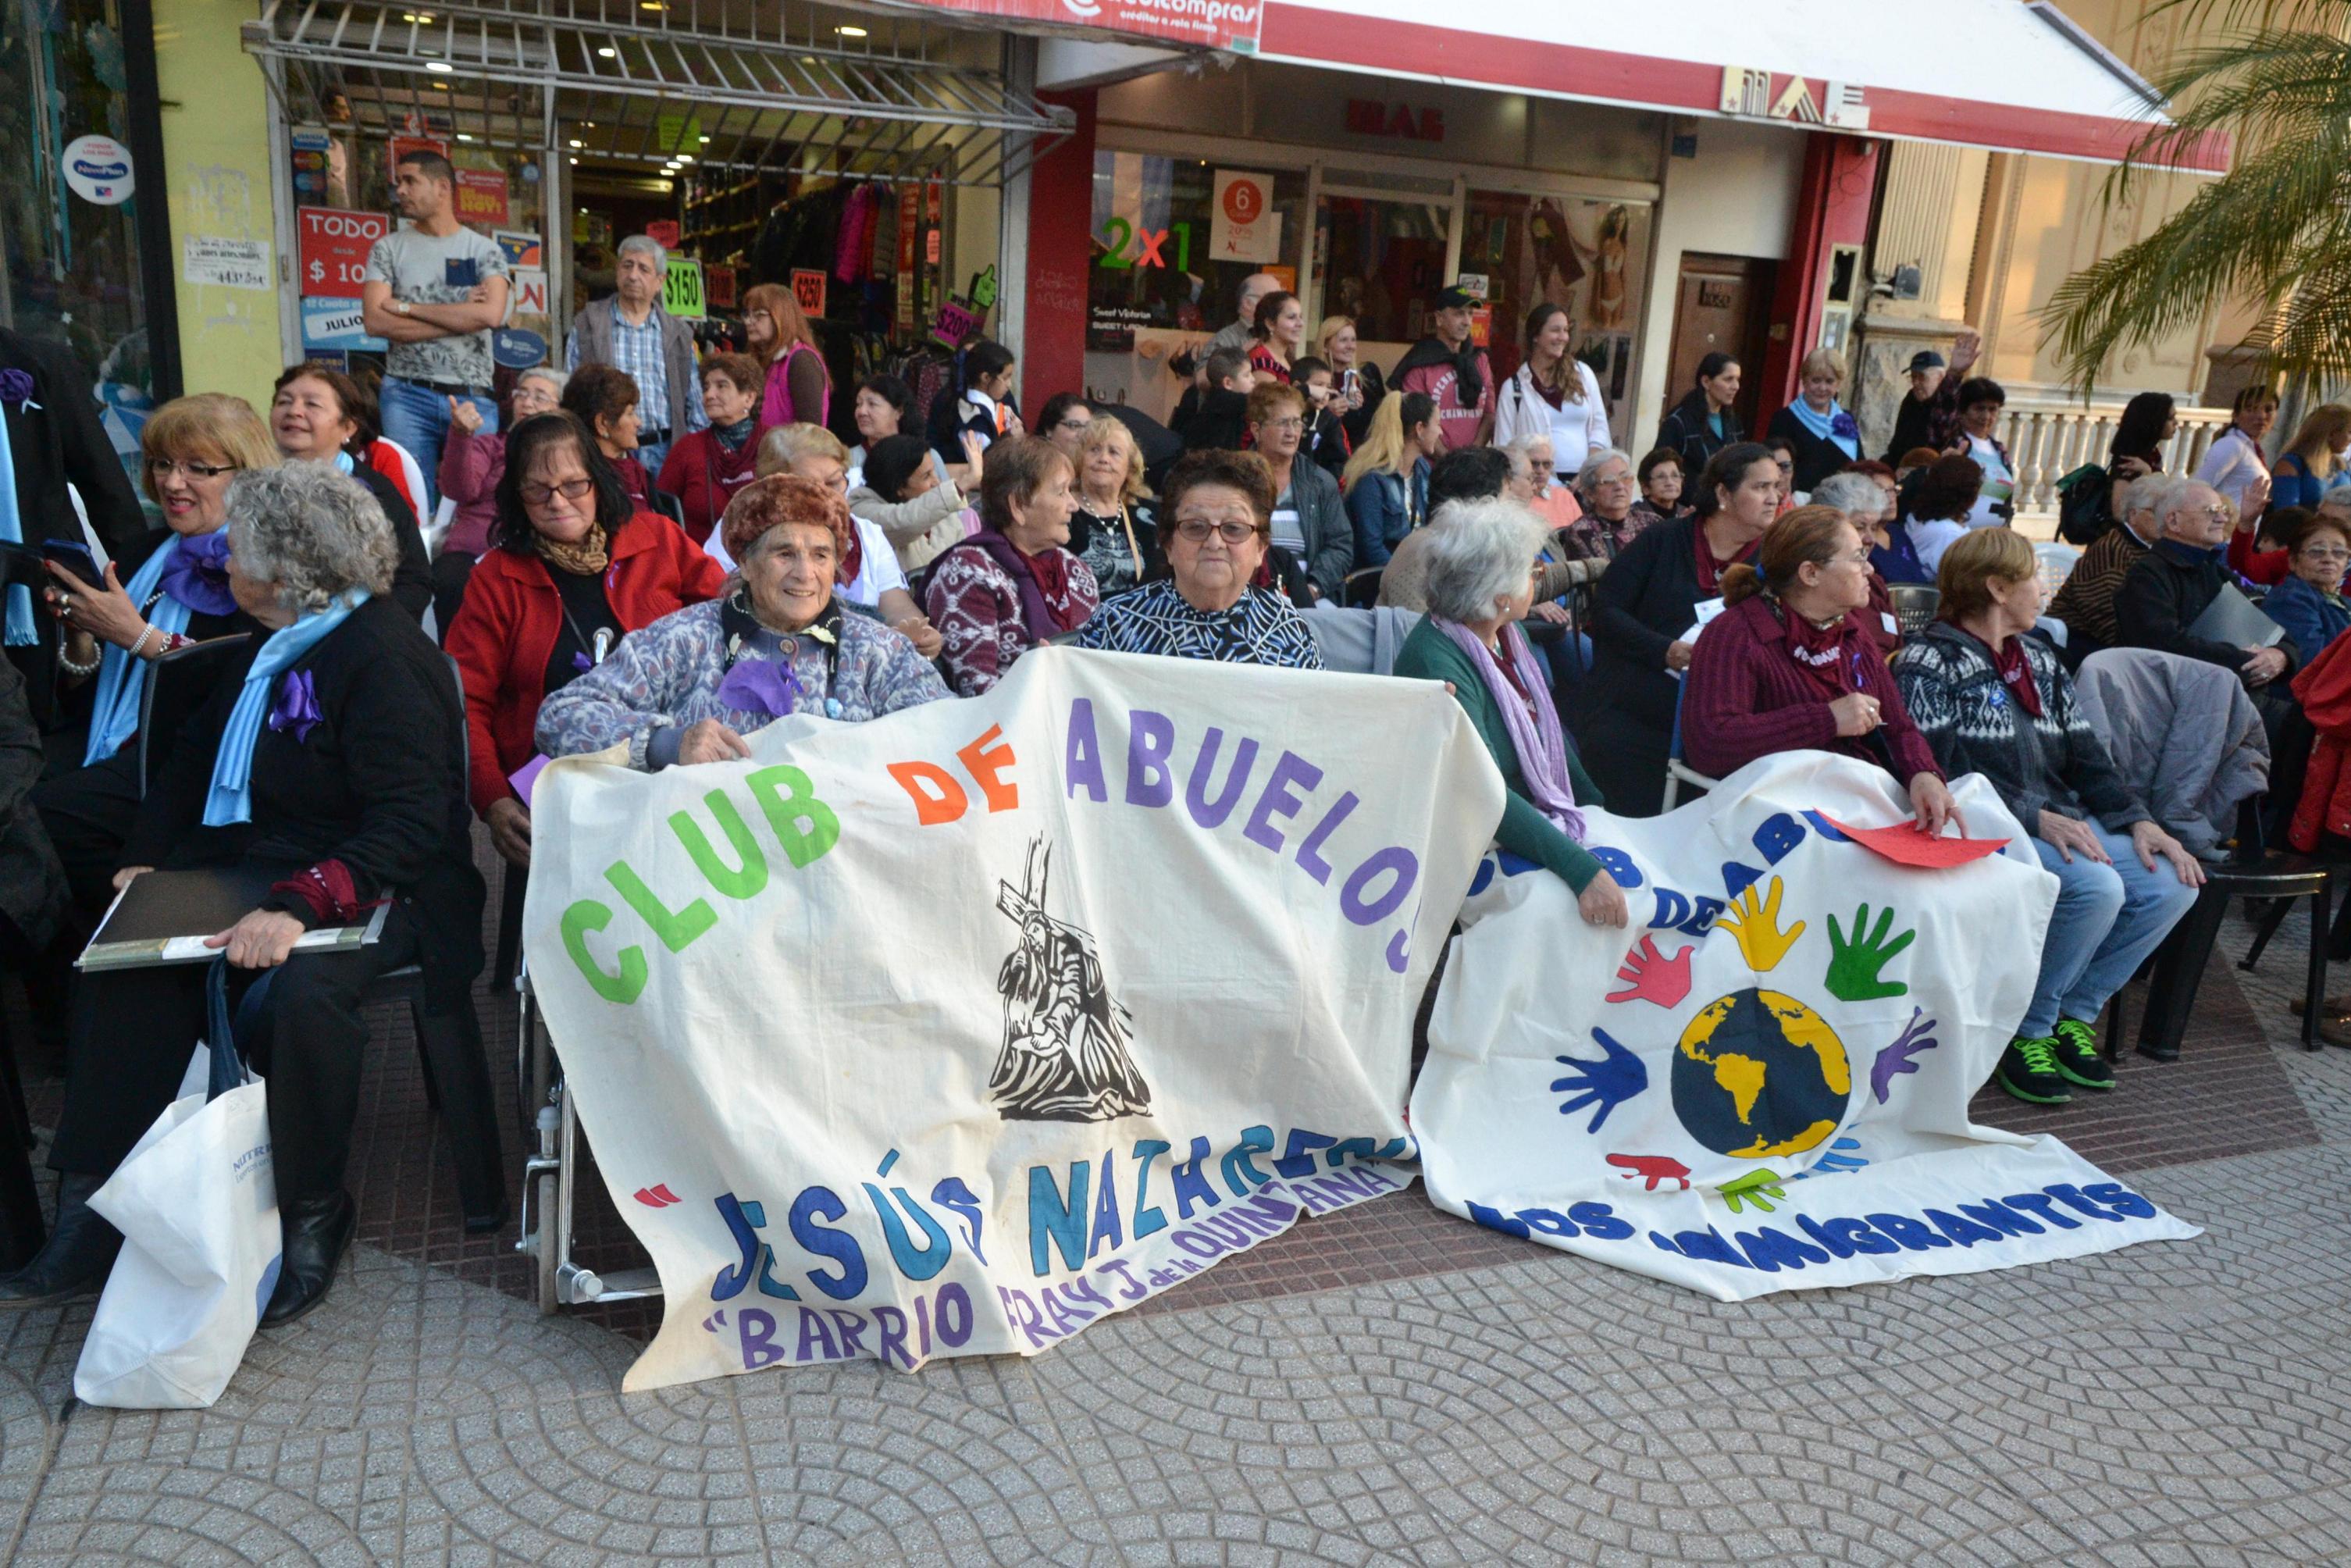 Emotivo cierre de la jornada por el buen trato a los adultos mayores en la plaza Vera